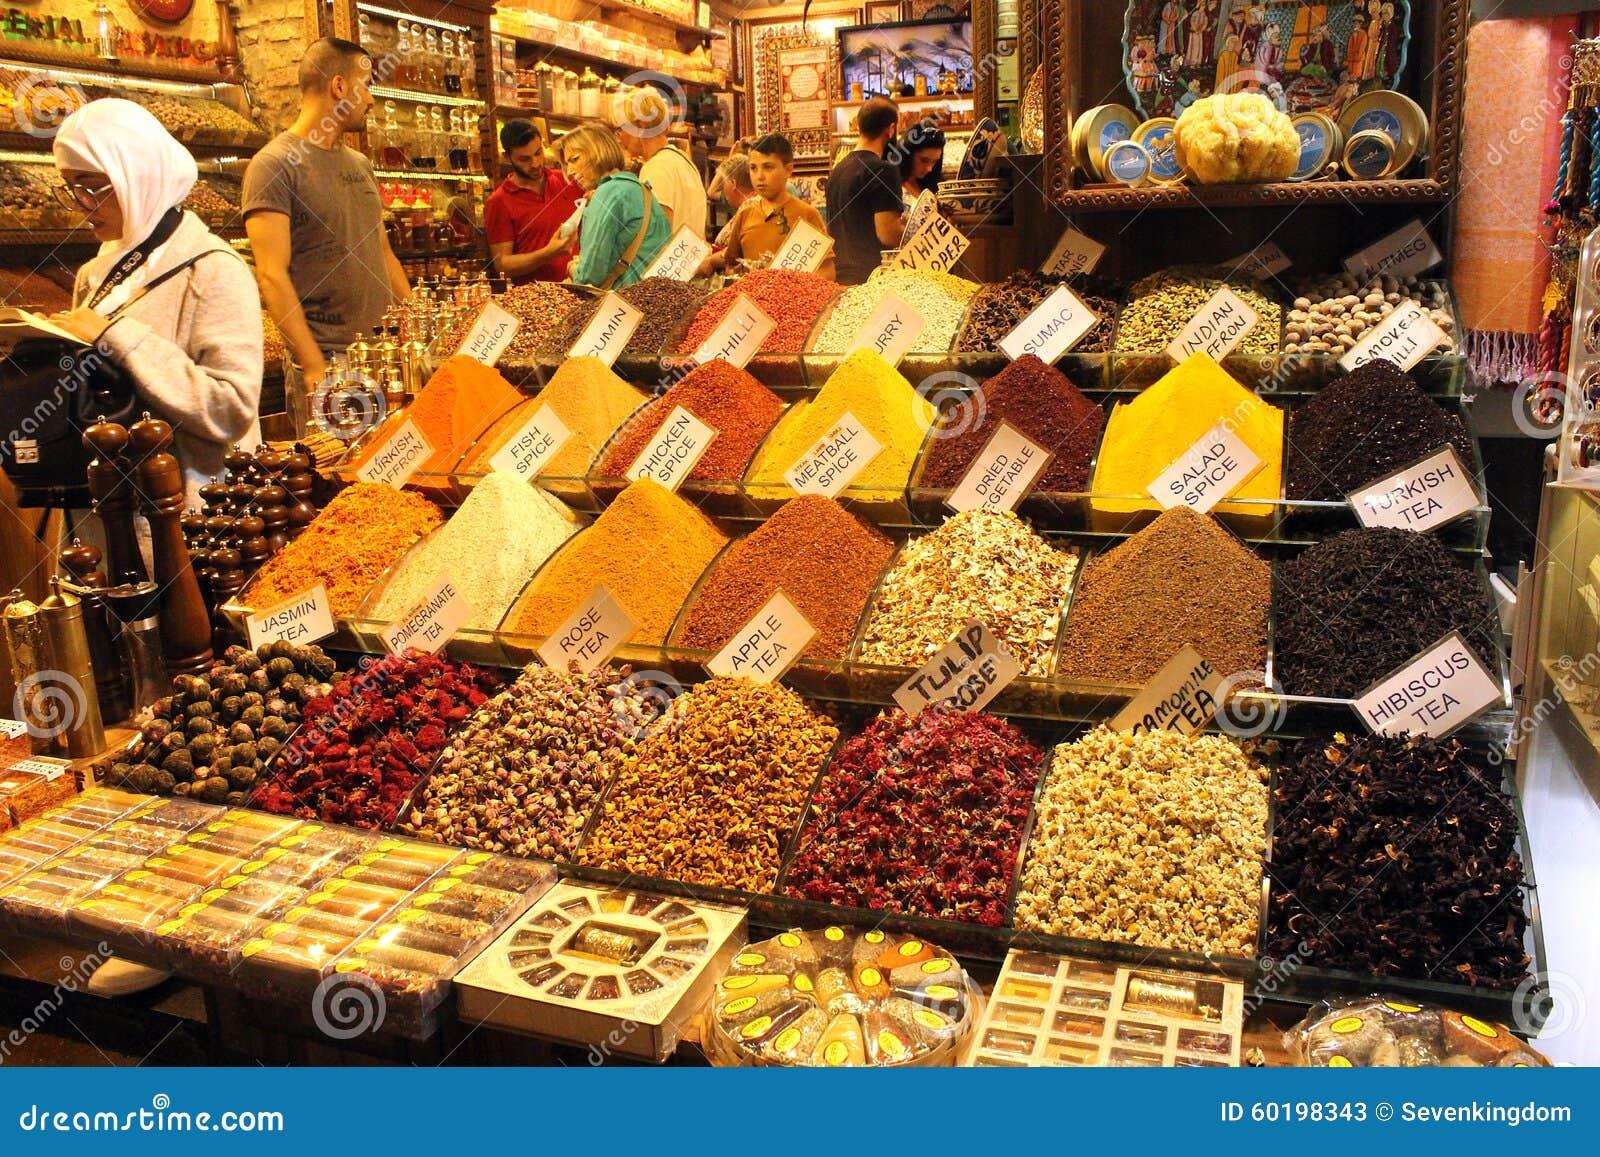 Spice shop business plan